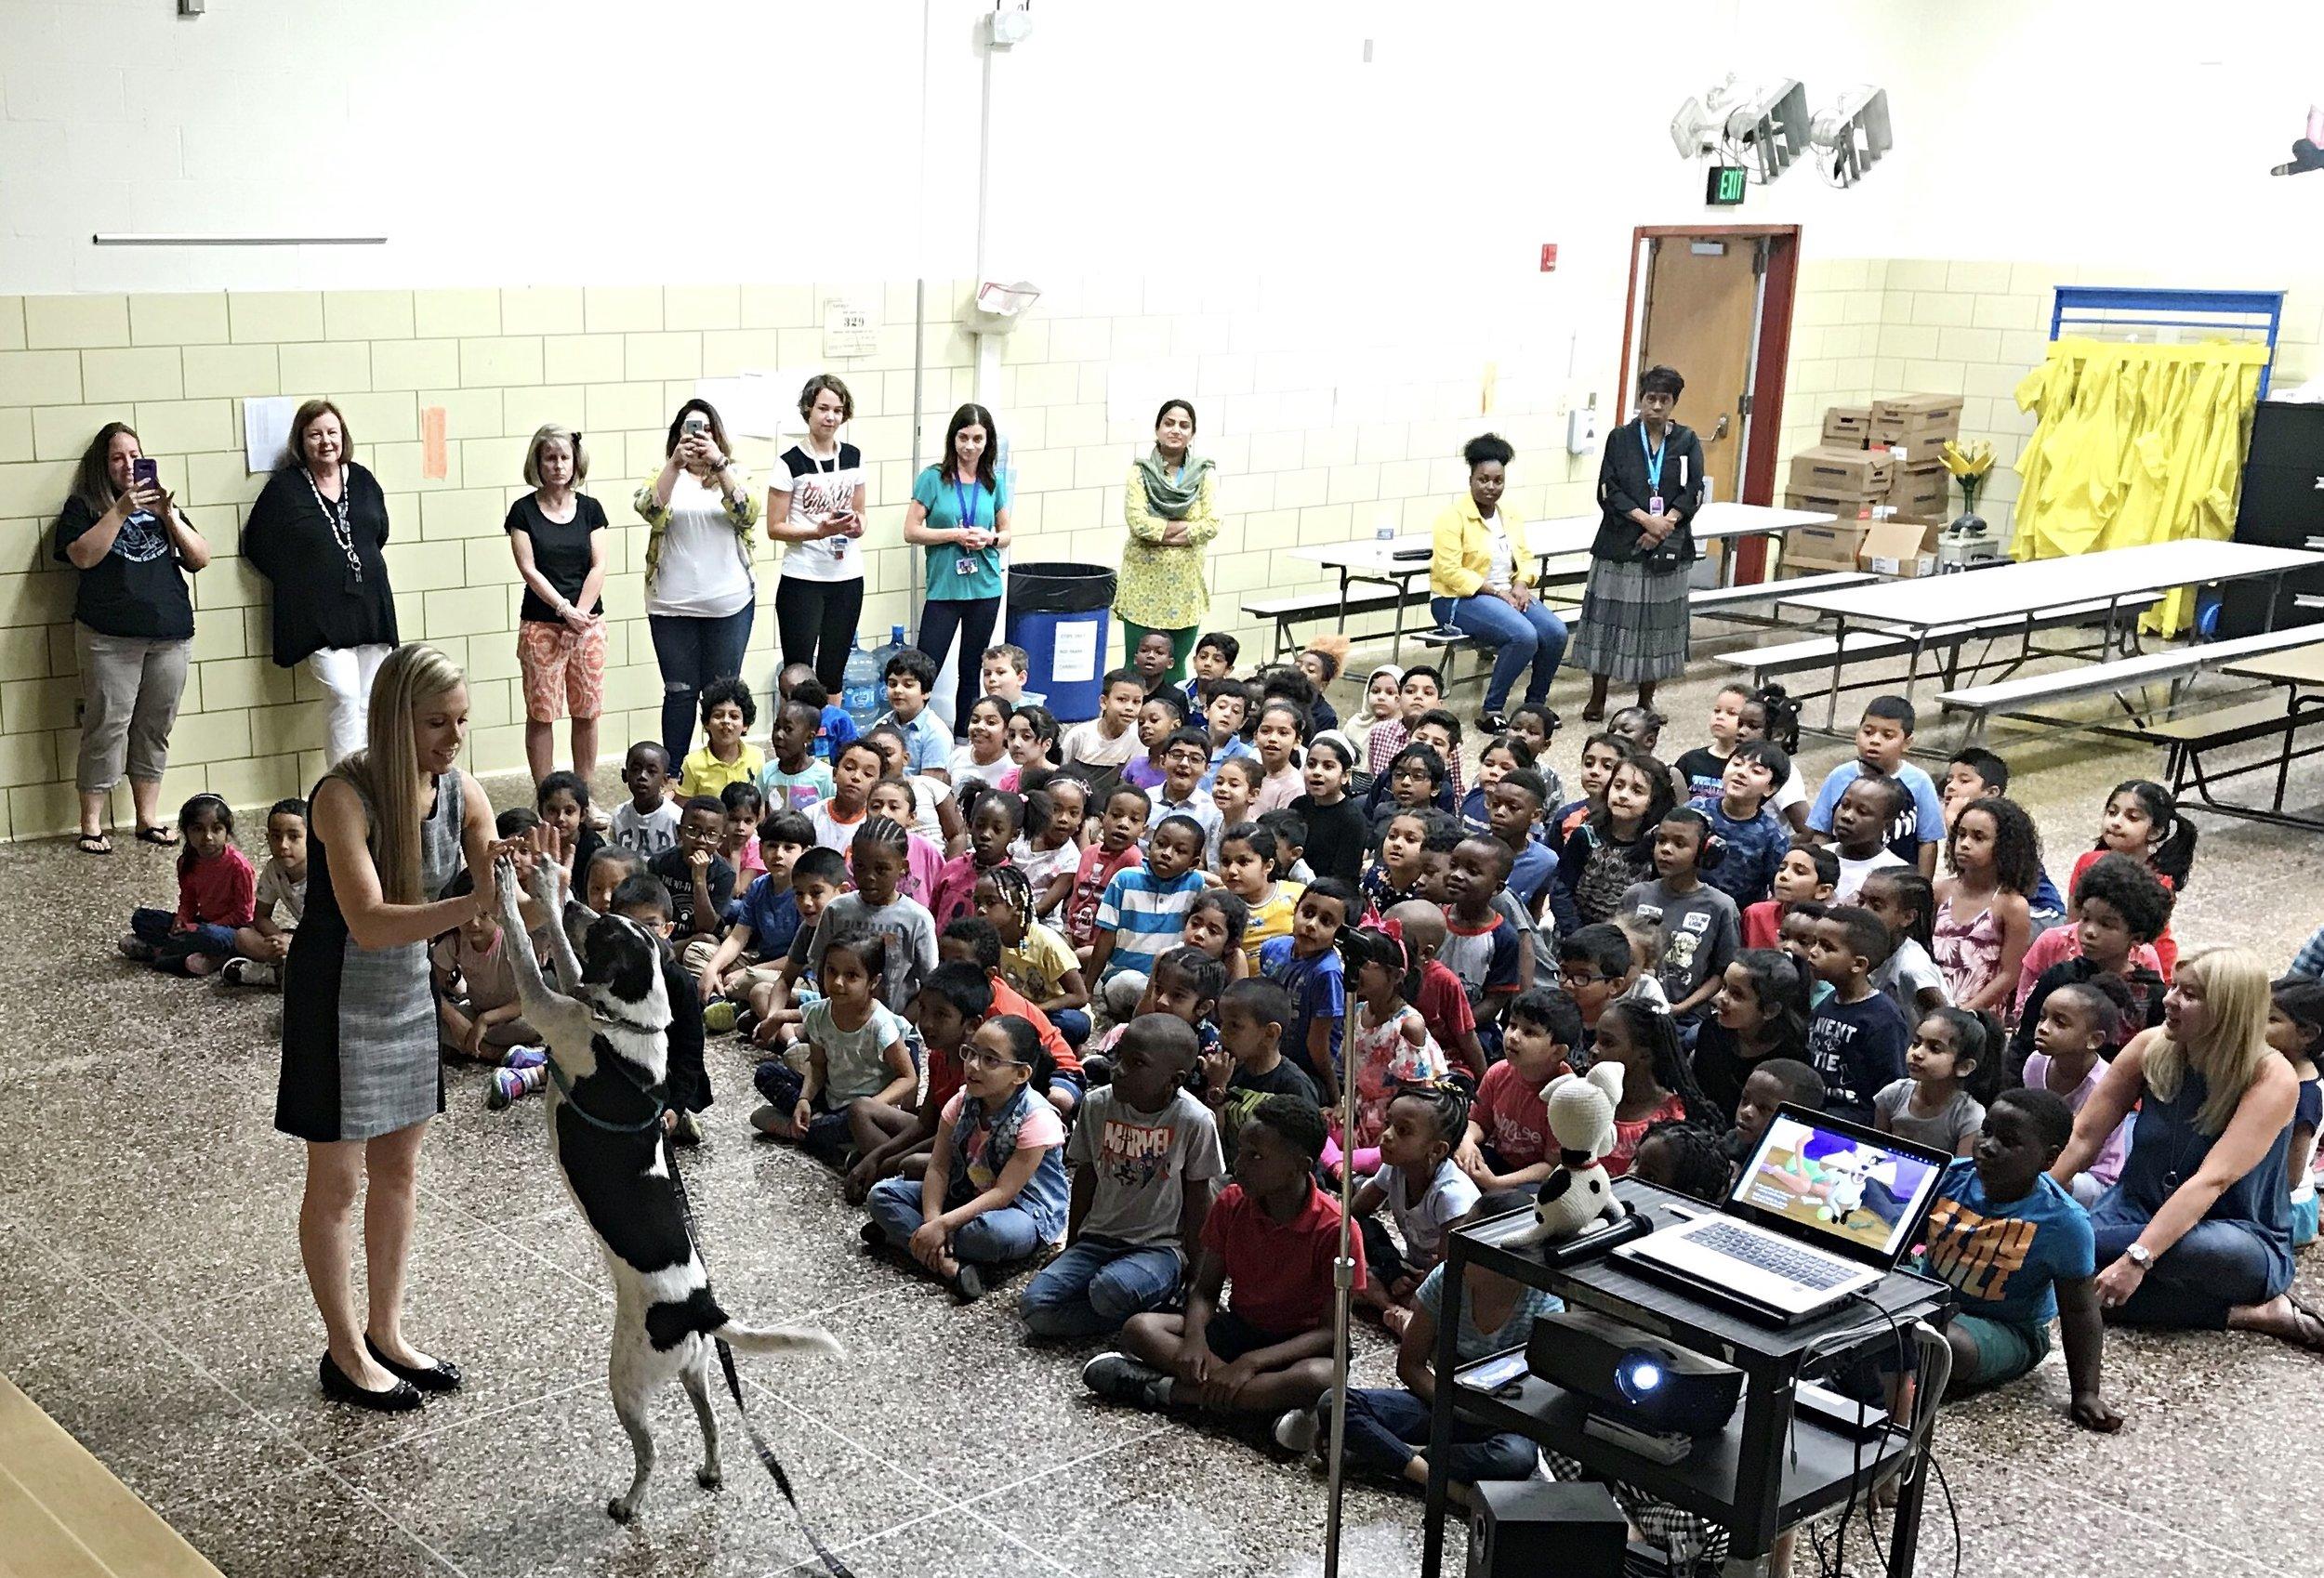 Chadwick Elementary